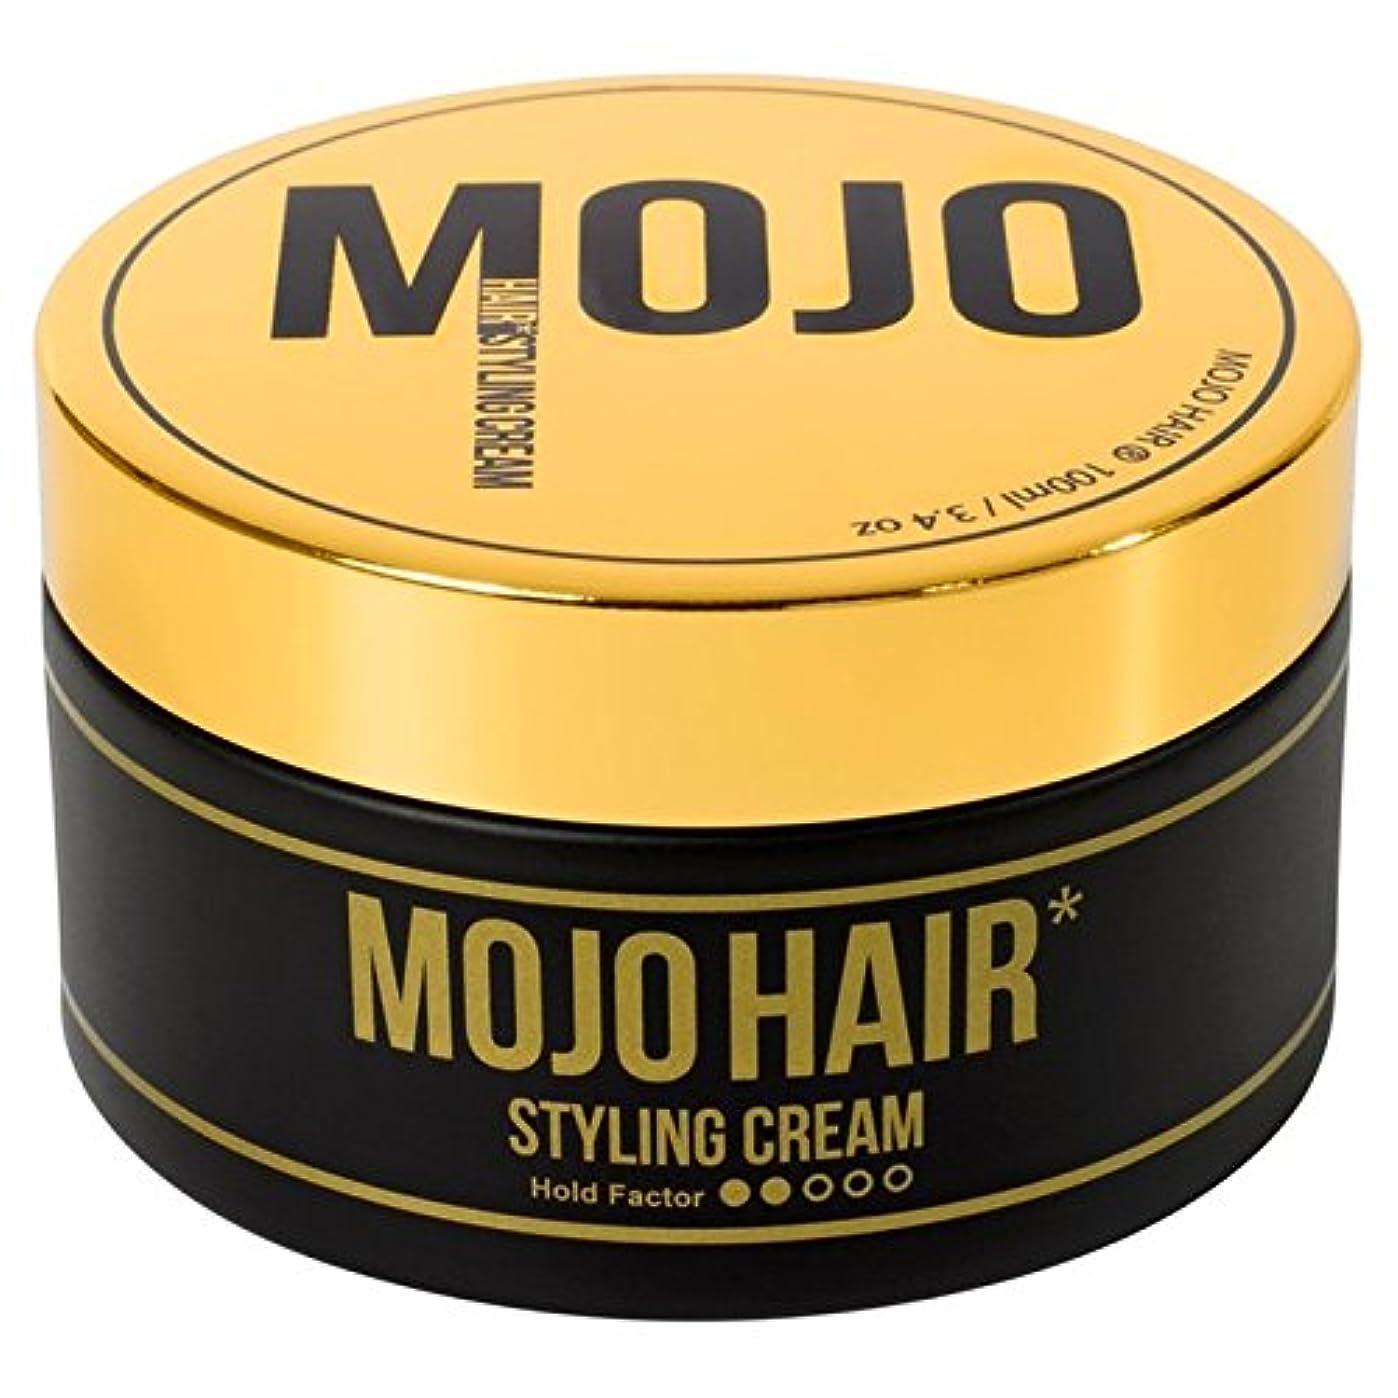 発送ドラマ接辞100ミリリットル男性のためのモジョのヘアスタイリングクリーム x4 - MOJO HAIR Styling Cream for Men 100ml (Pack of 4) [並行輸入品]